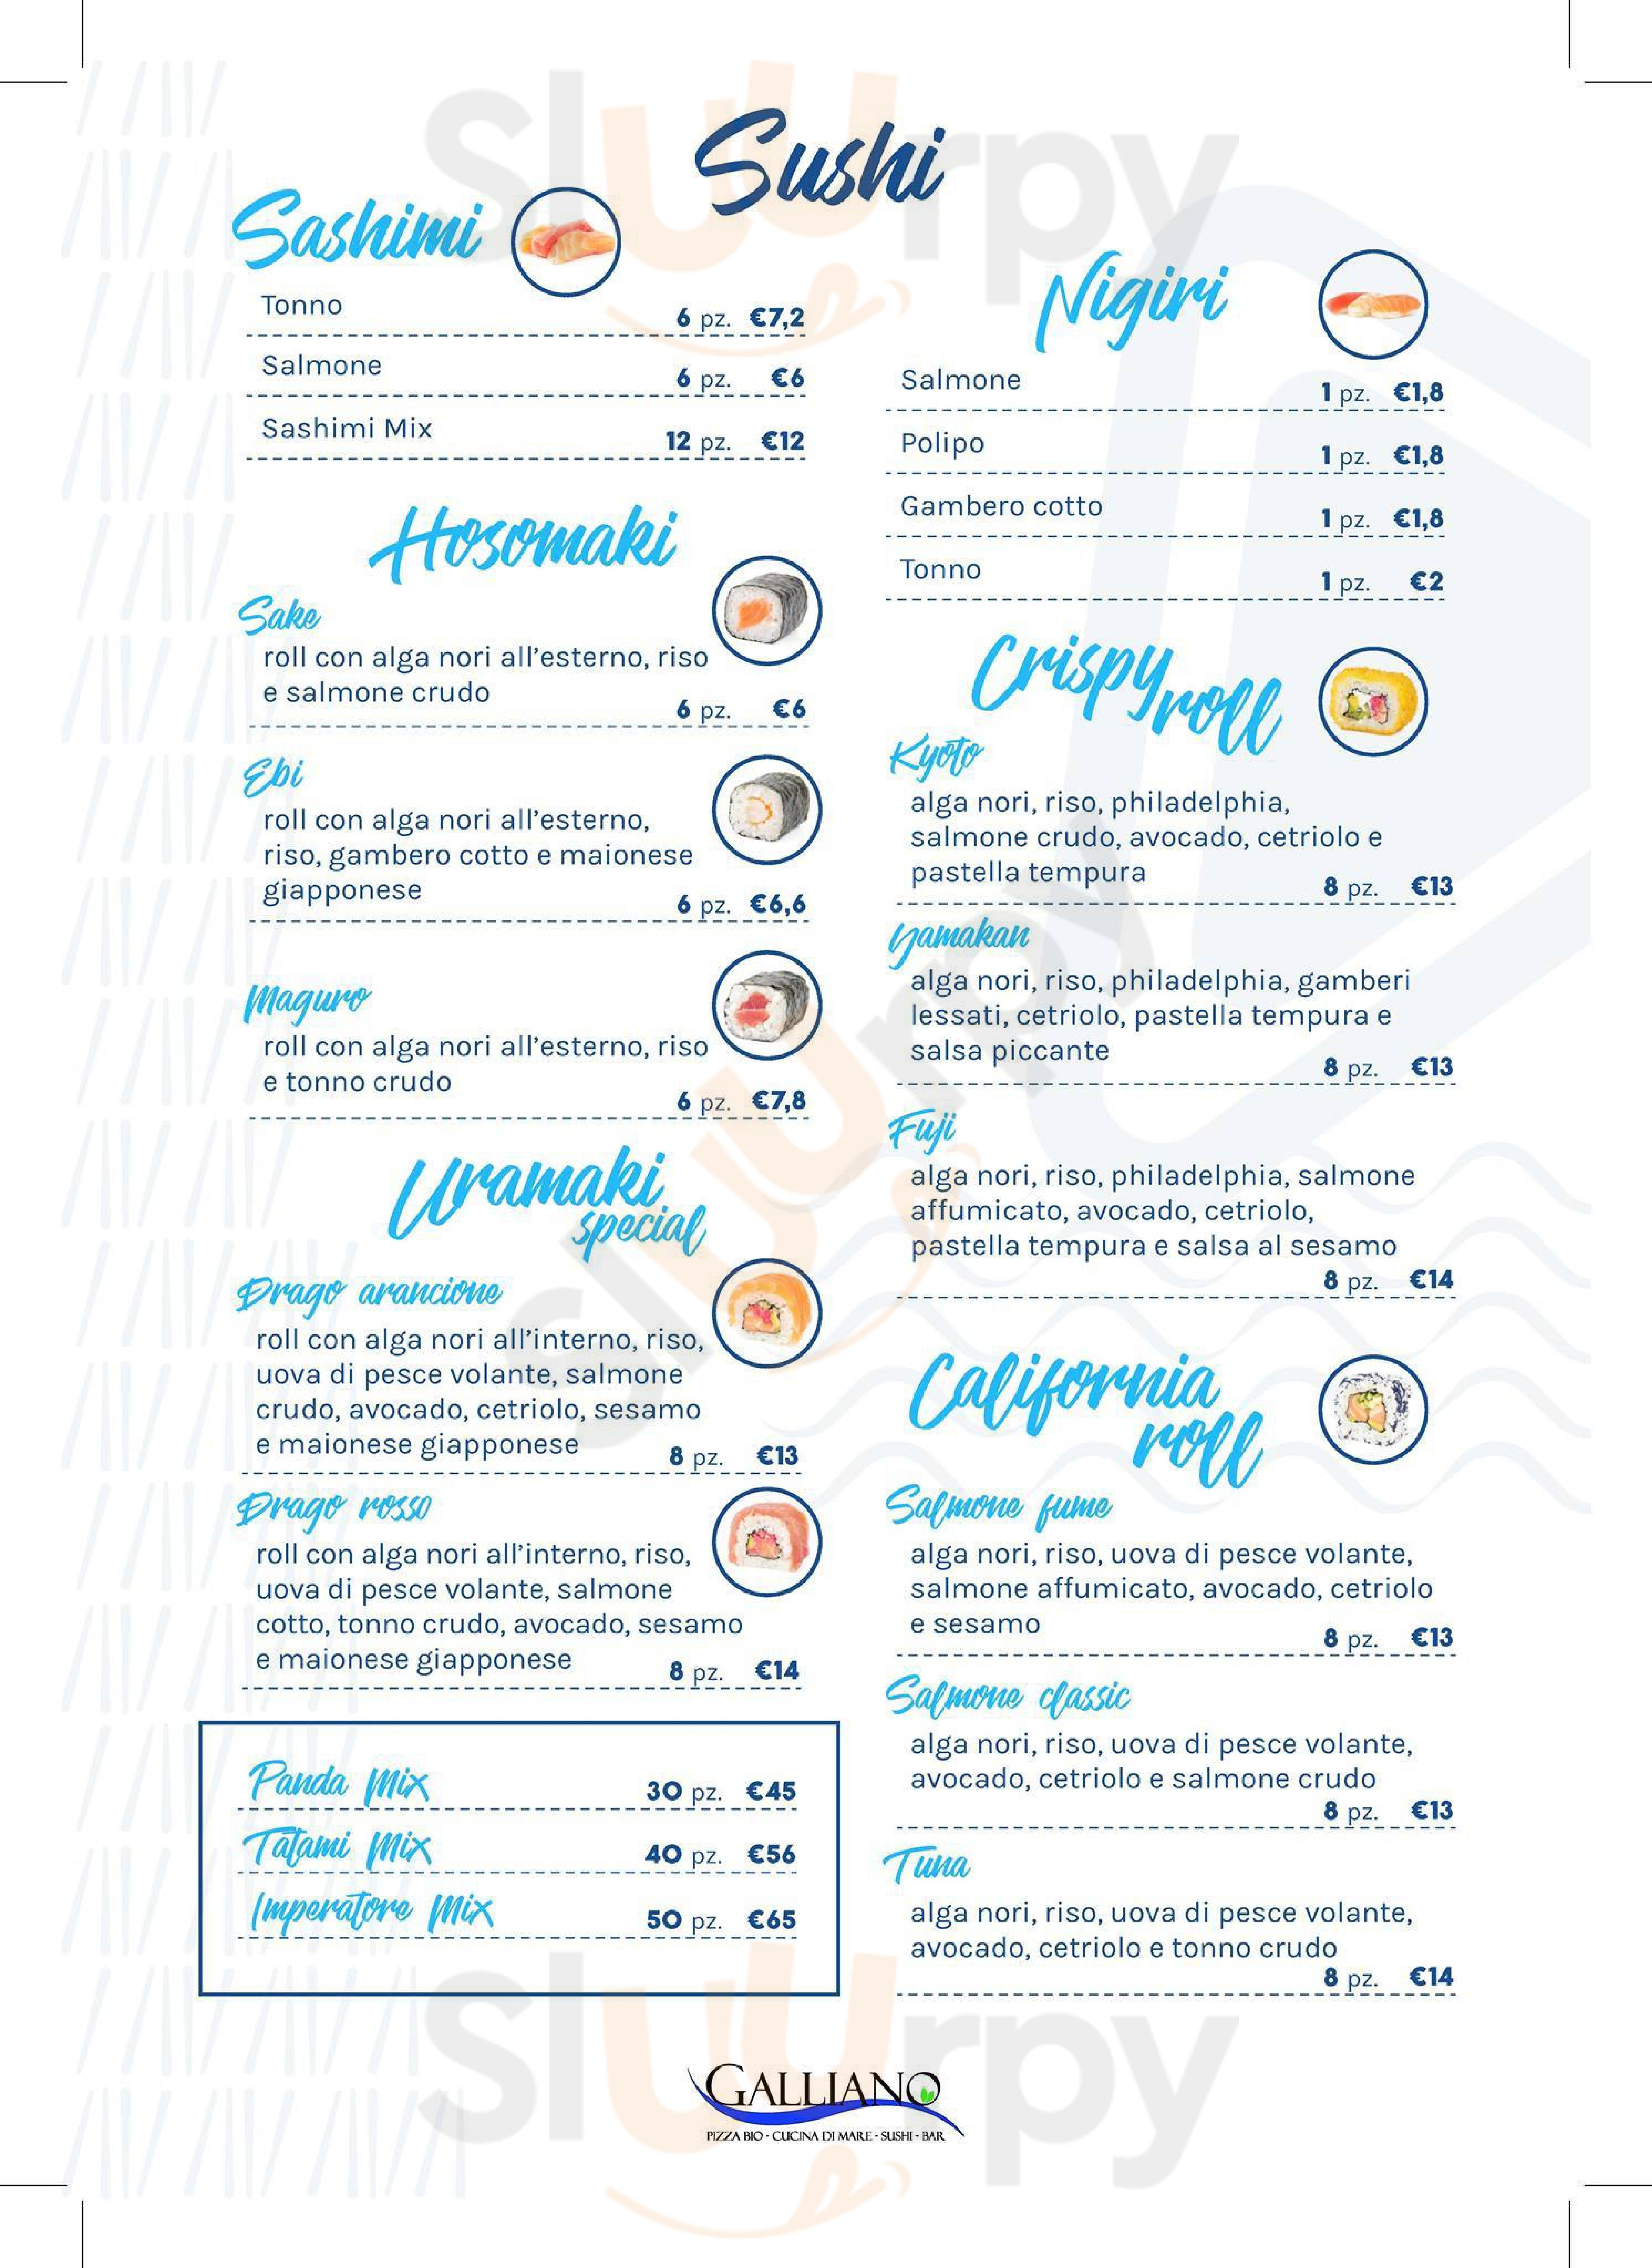 Taverna Pizzeria Galliano Civitanova Marche menù 1 pagina